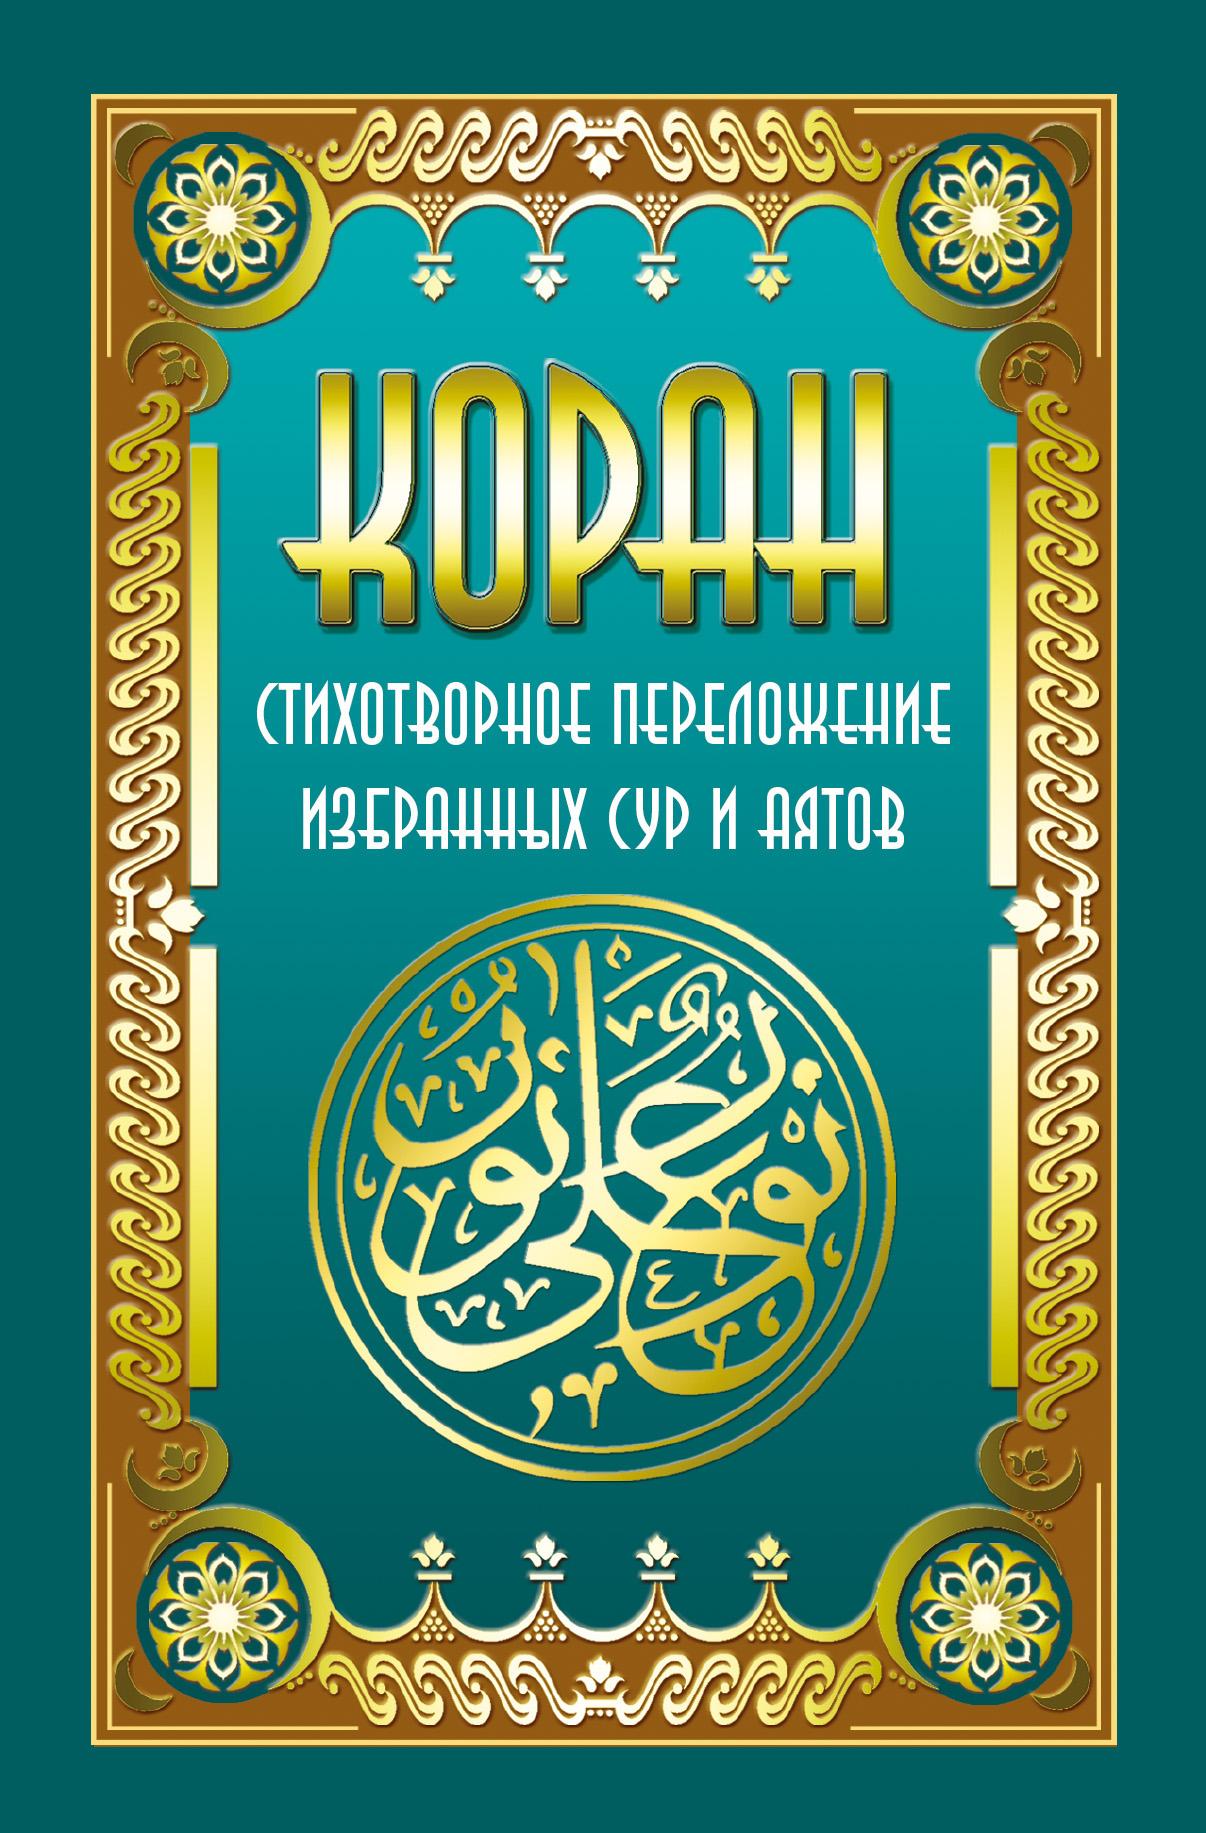 цена на Владимир Кевхишвили Коран. Стихотворное переложение избранных сур и аятов